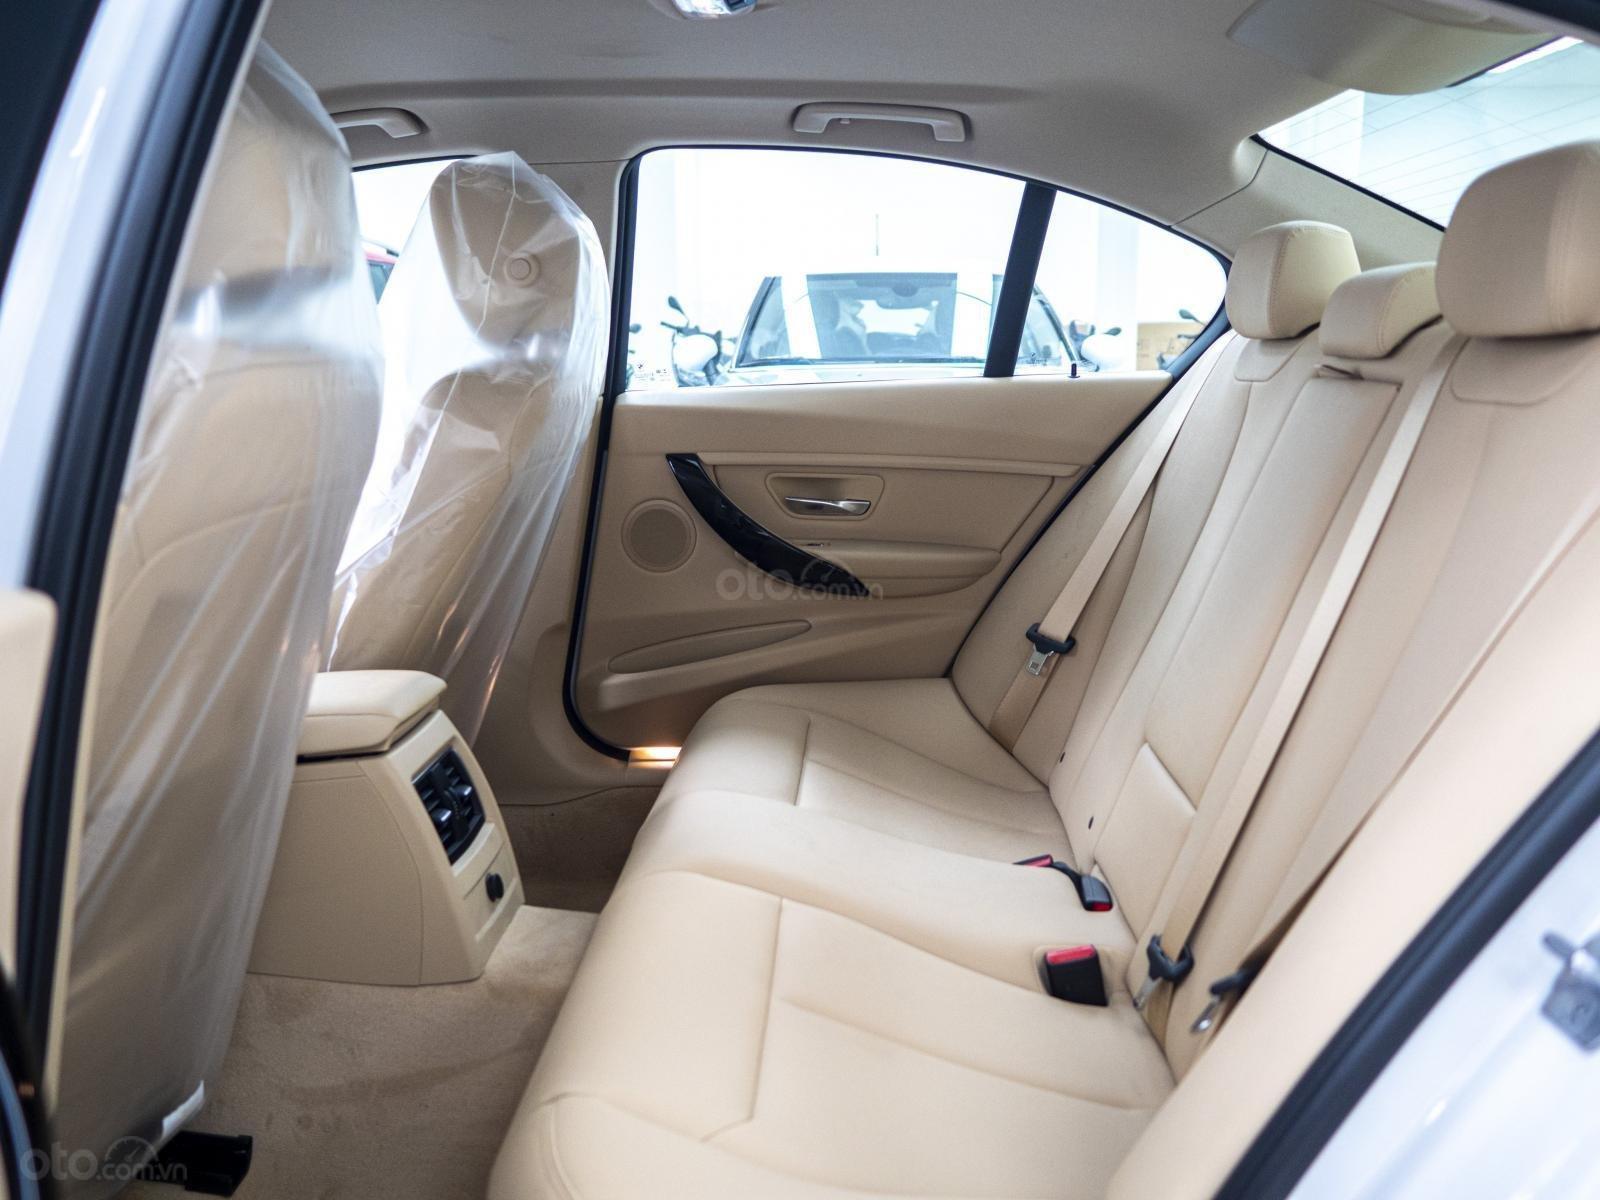 BMW 320i nhập Đức với siêu ưu đãi lớn lên đến 300 triệu, giá cực tốt tại thời điểm cuối năm (7)